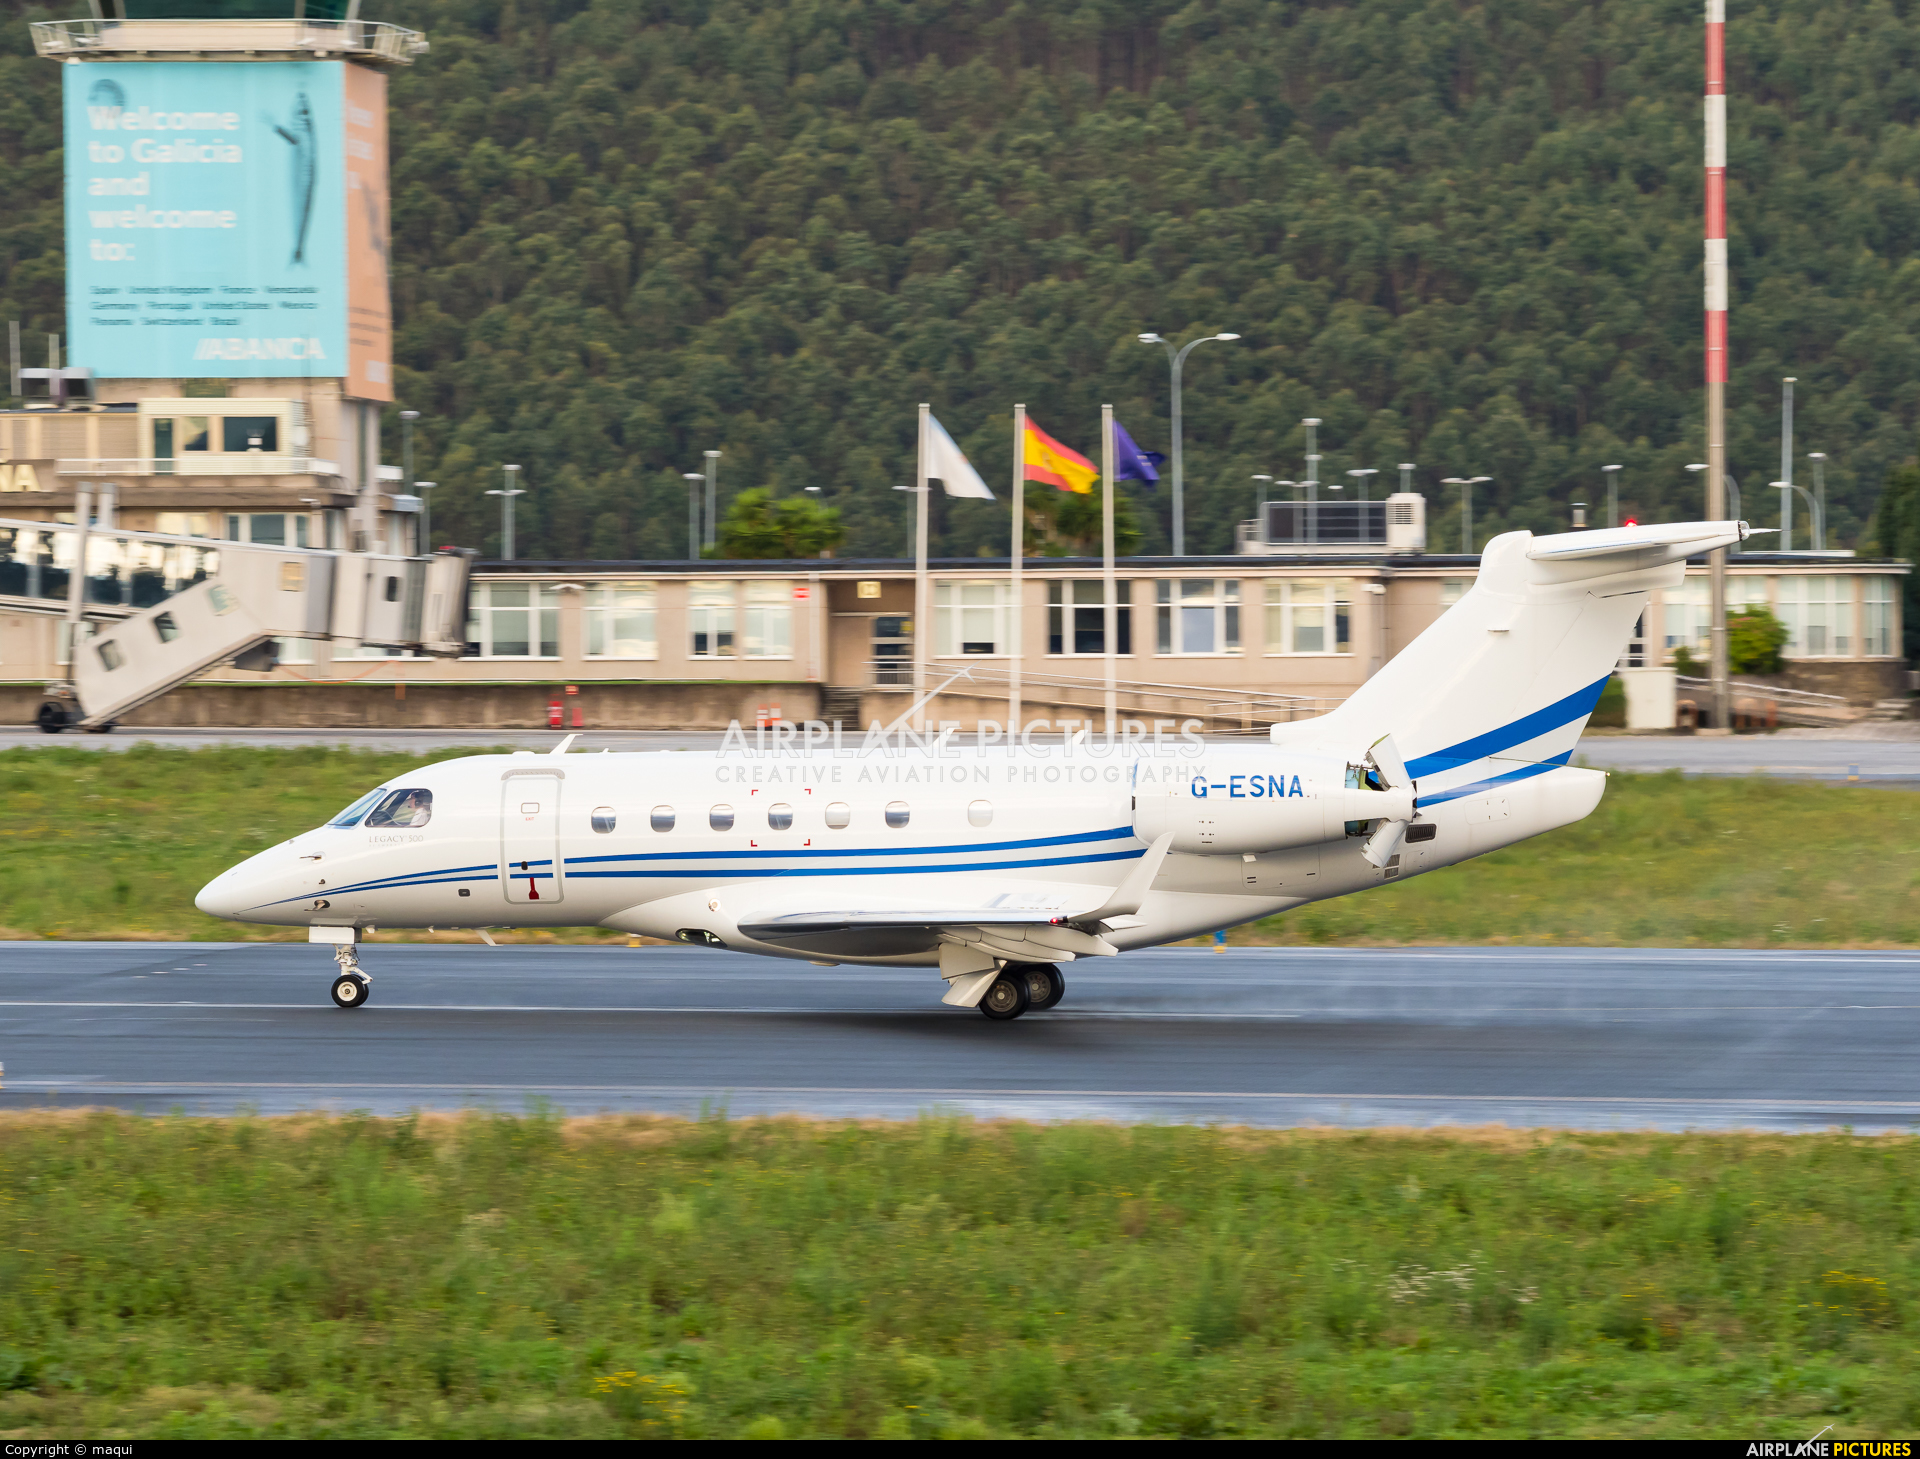 Air Charter Scotland G-ESNA aircraft at La Coruña